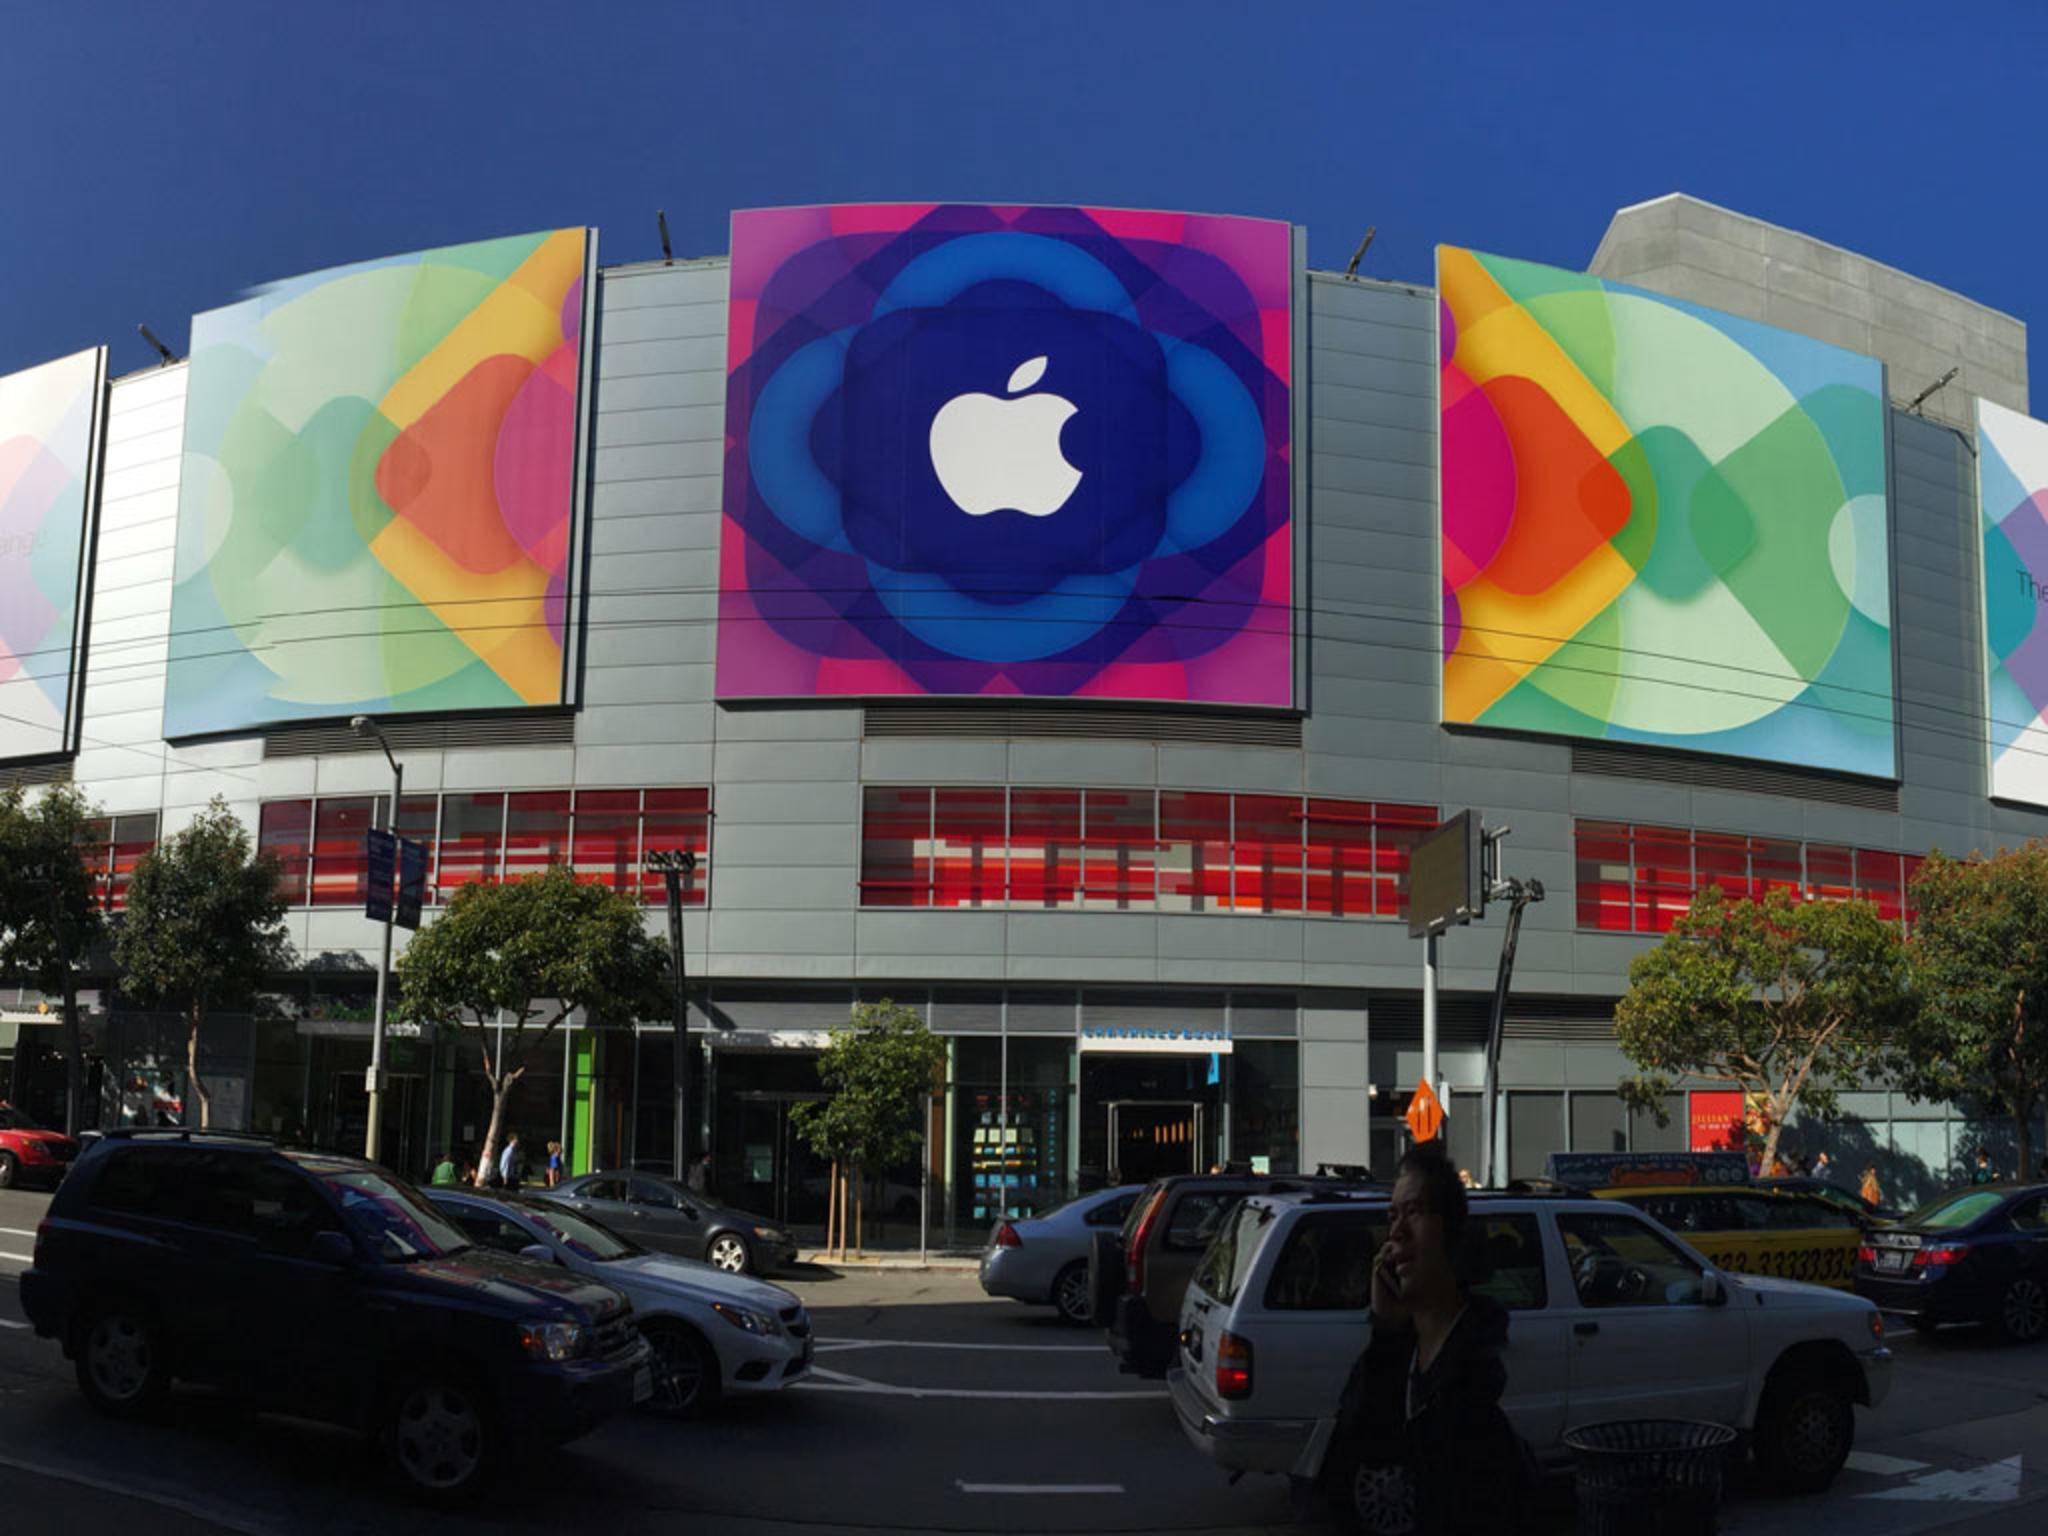 Auf der WWDC werden regelmäßig die neuen iOS-Versionen vorgestellt.